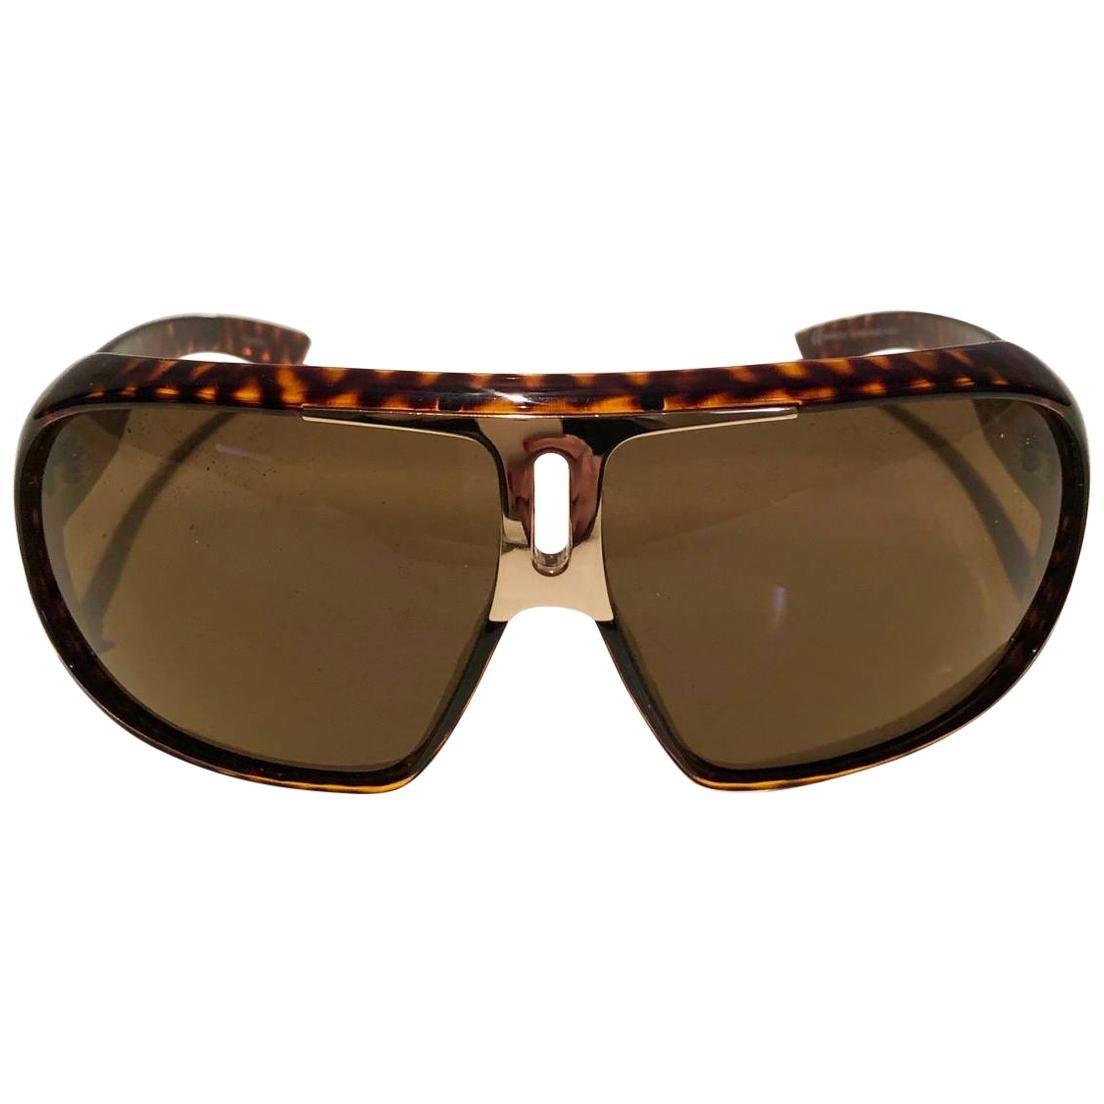 2000s Yves Saint Laurent Havana Brown 2199/s Mask Sunglasses